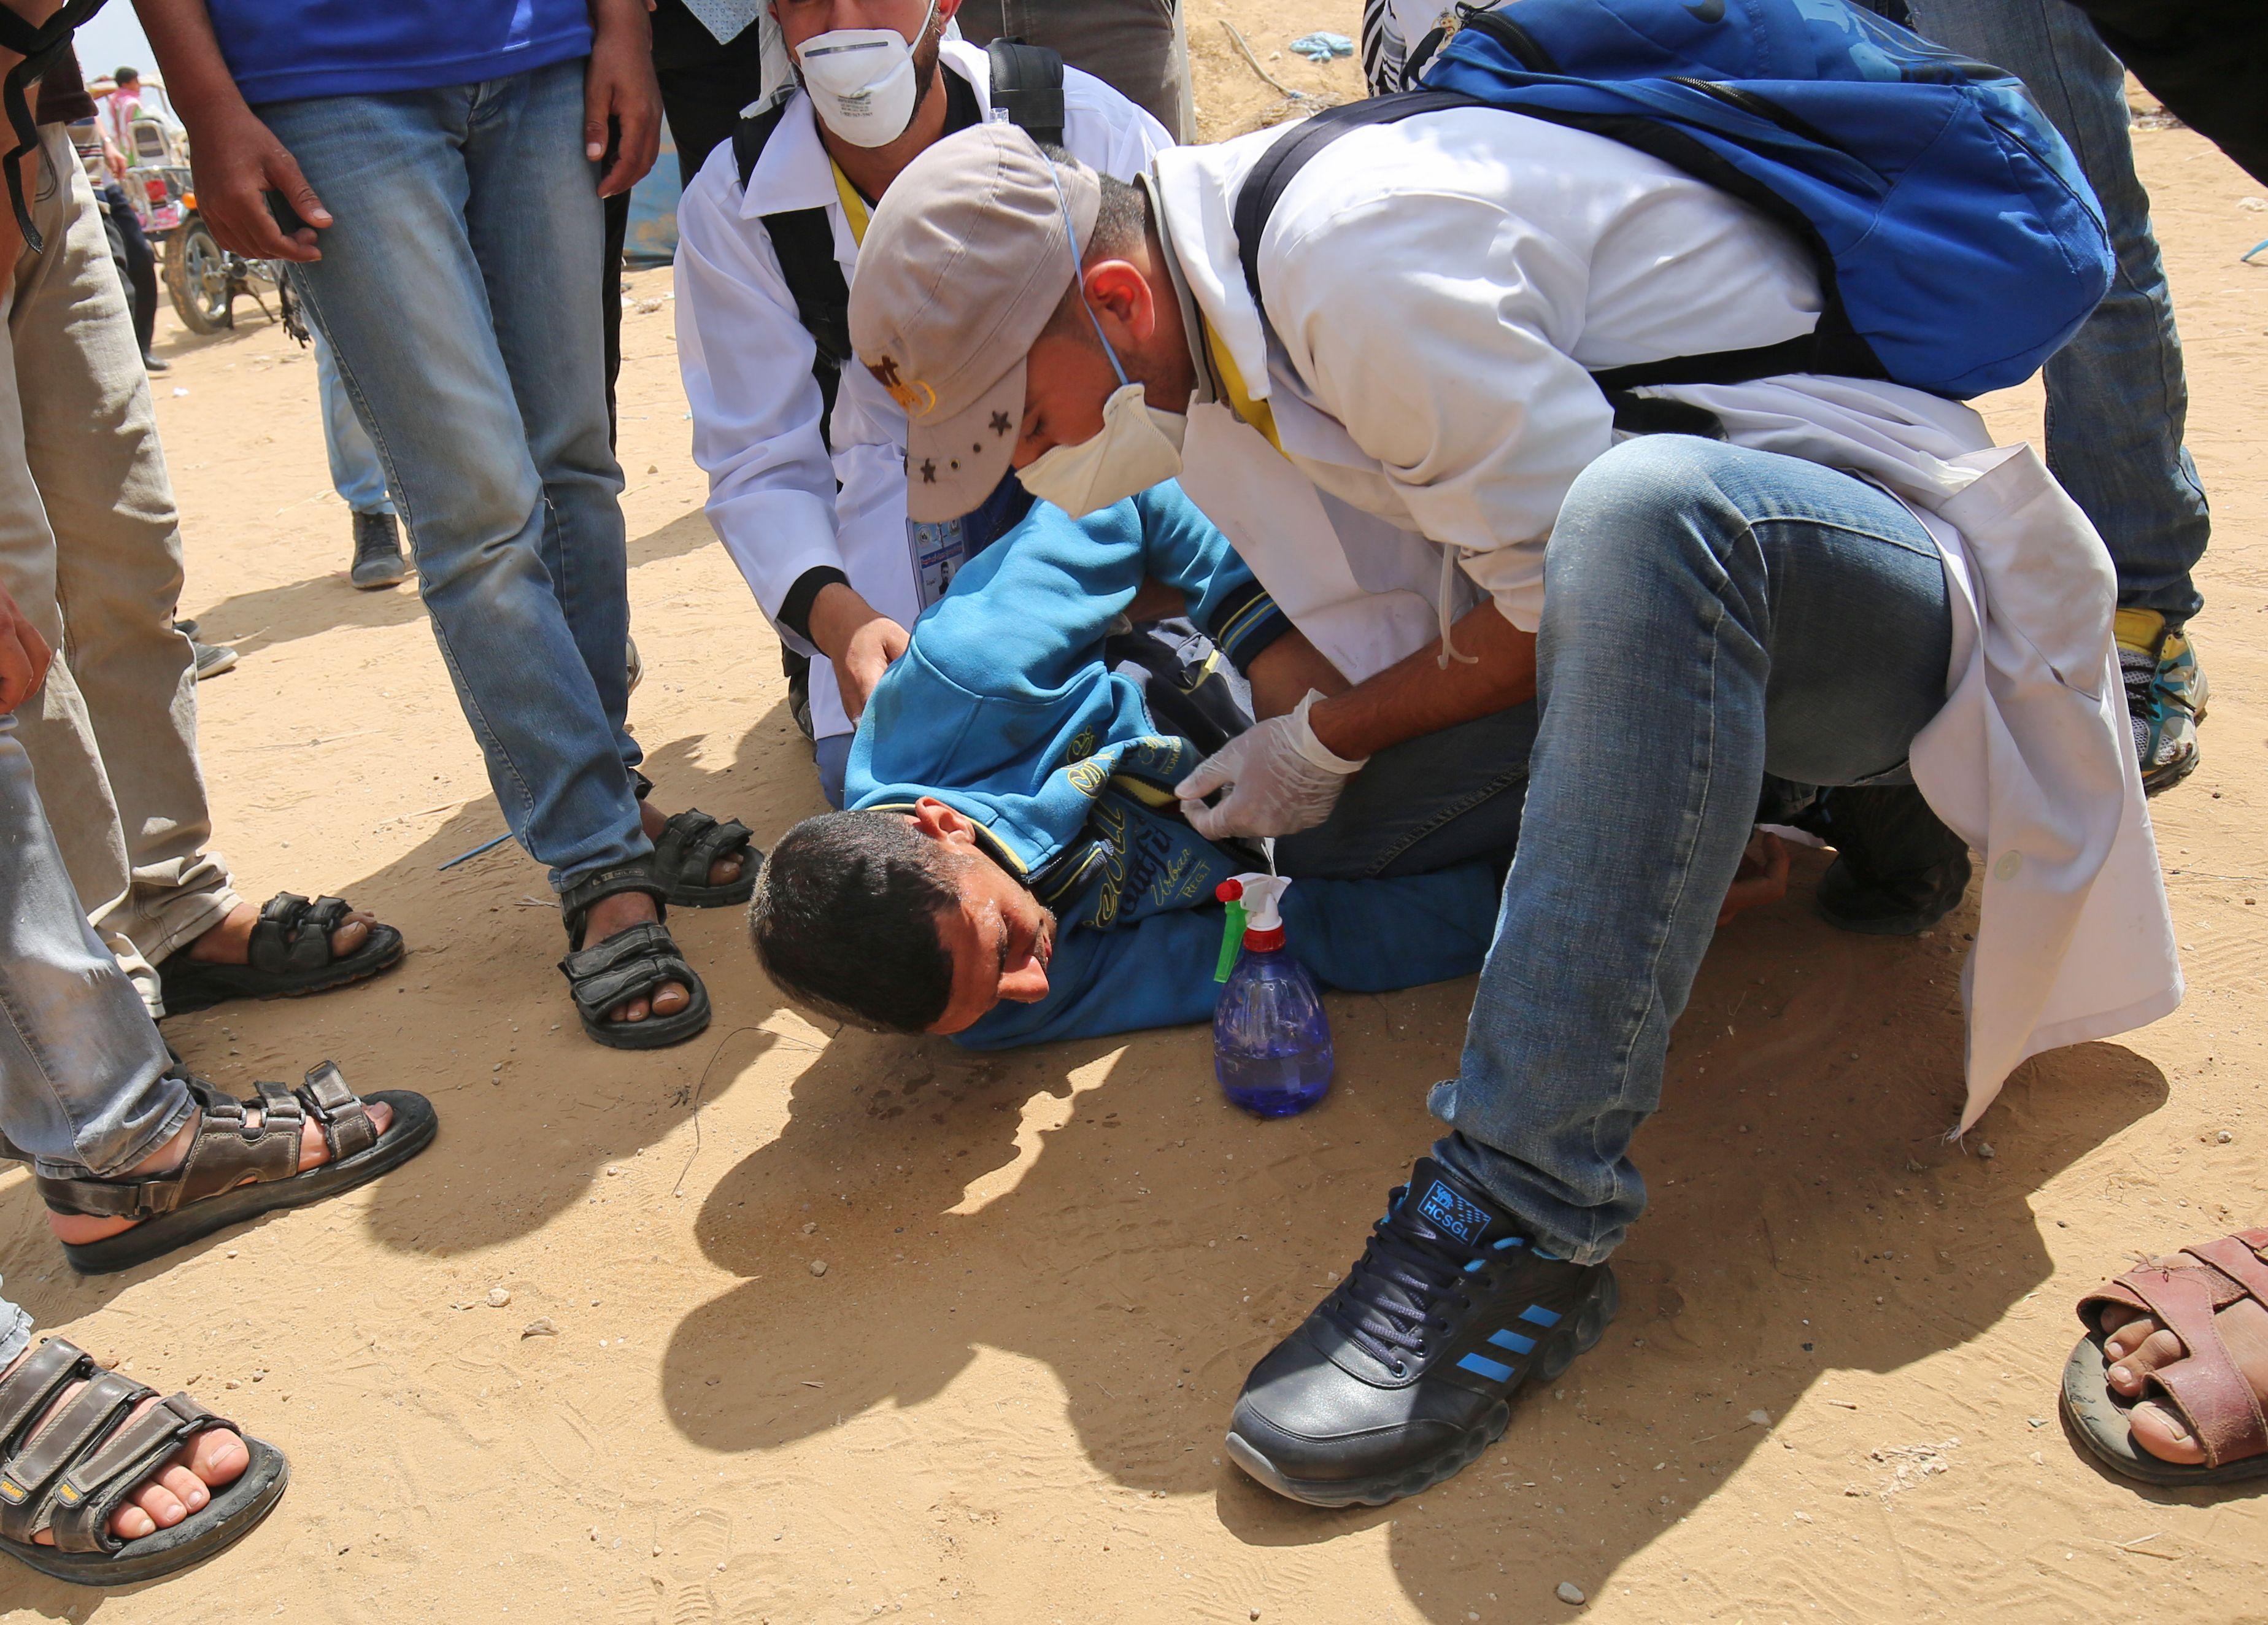 فلسطينى يصاب باختناق بسبب الغاز الاسرائيلى